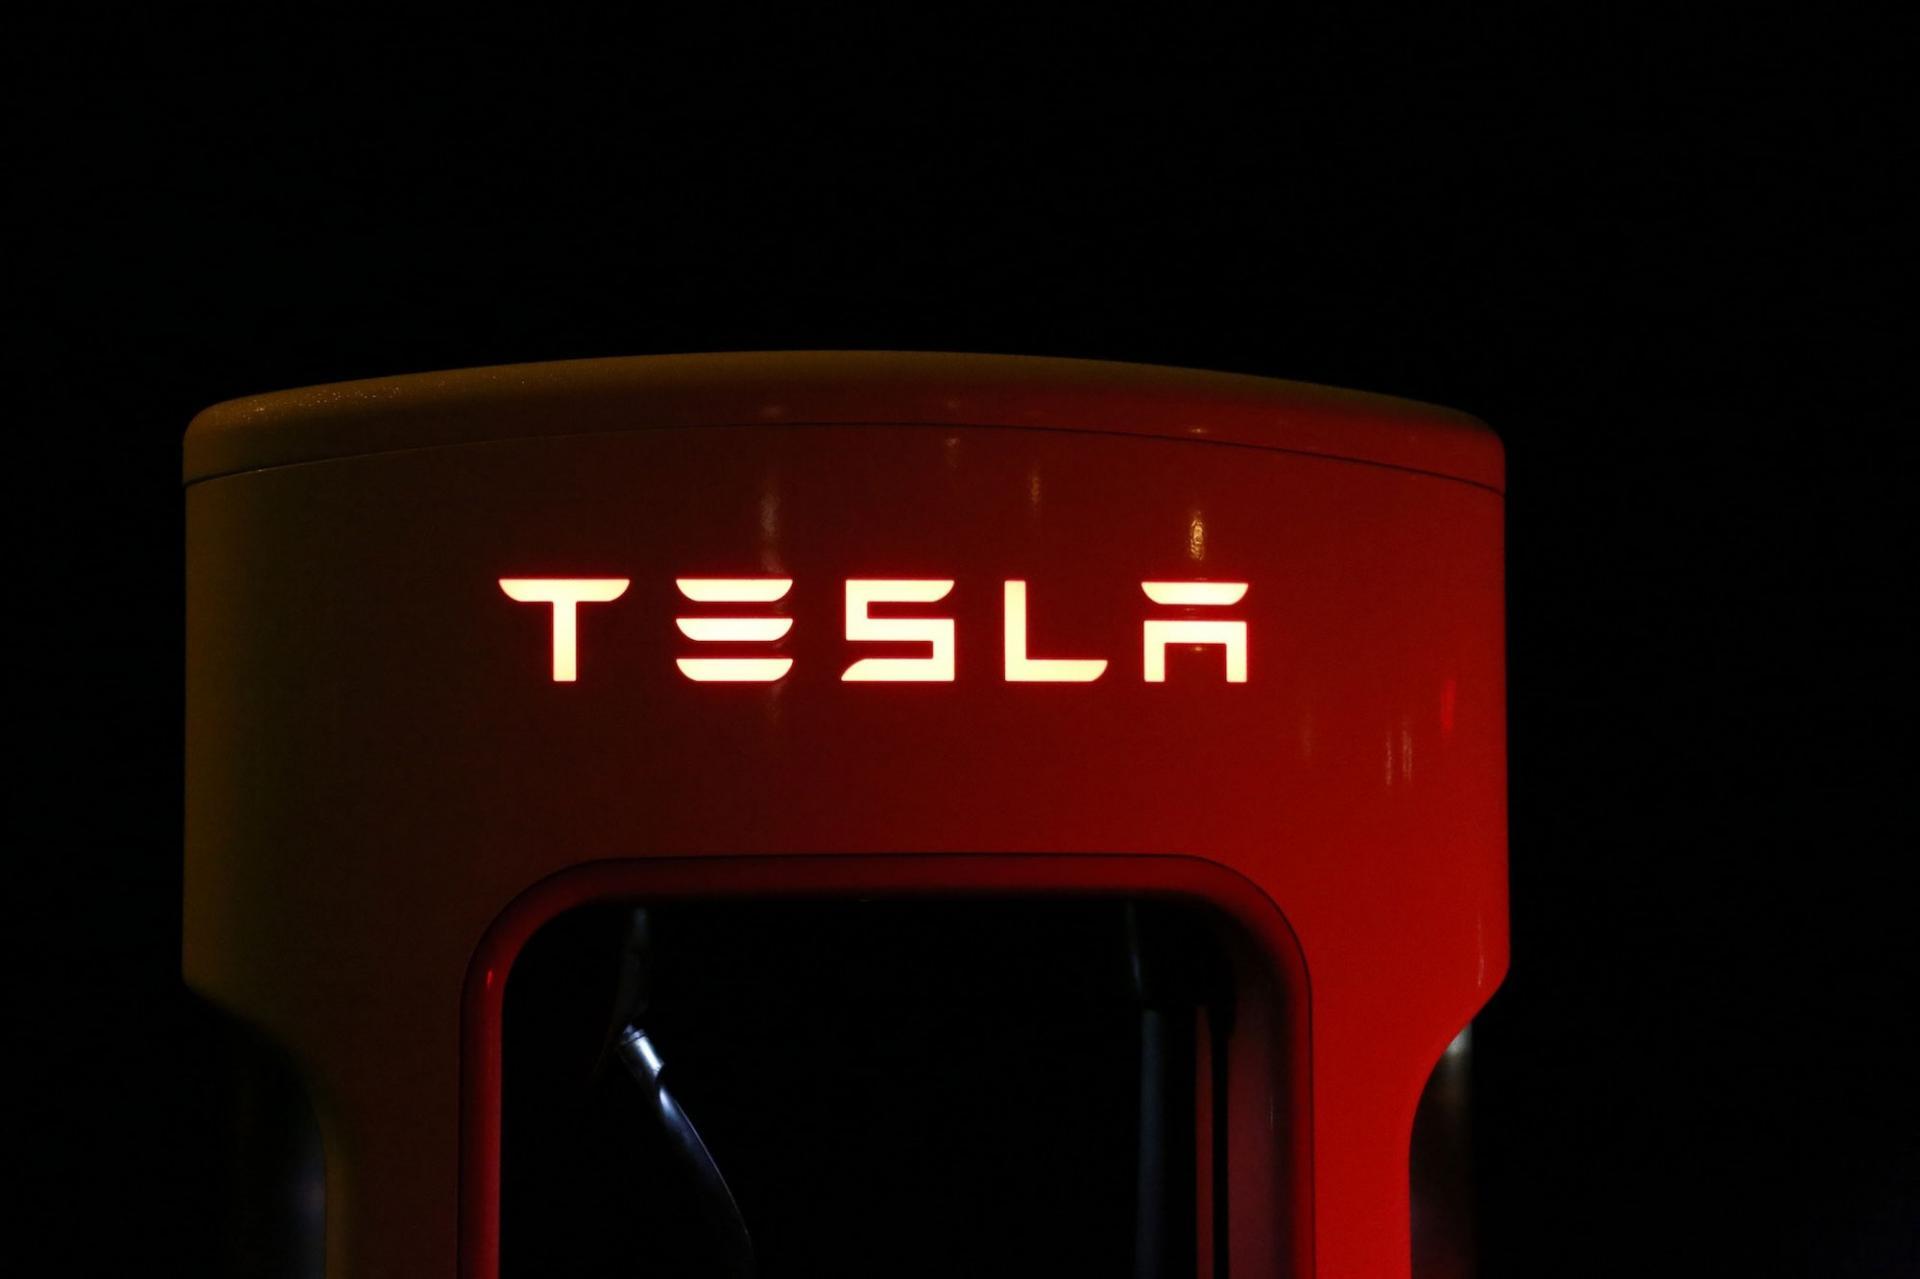 Топ-15 самых выносливых электромобилей: модели случшим запасом хода (дешево, средне, дорого)